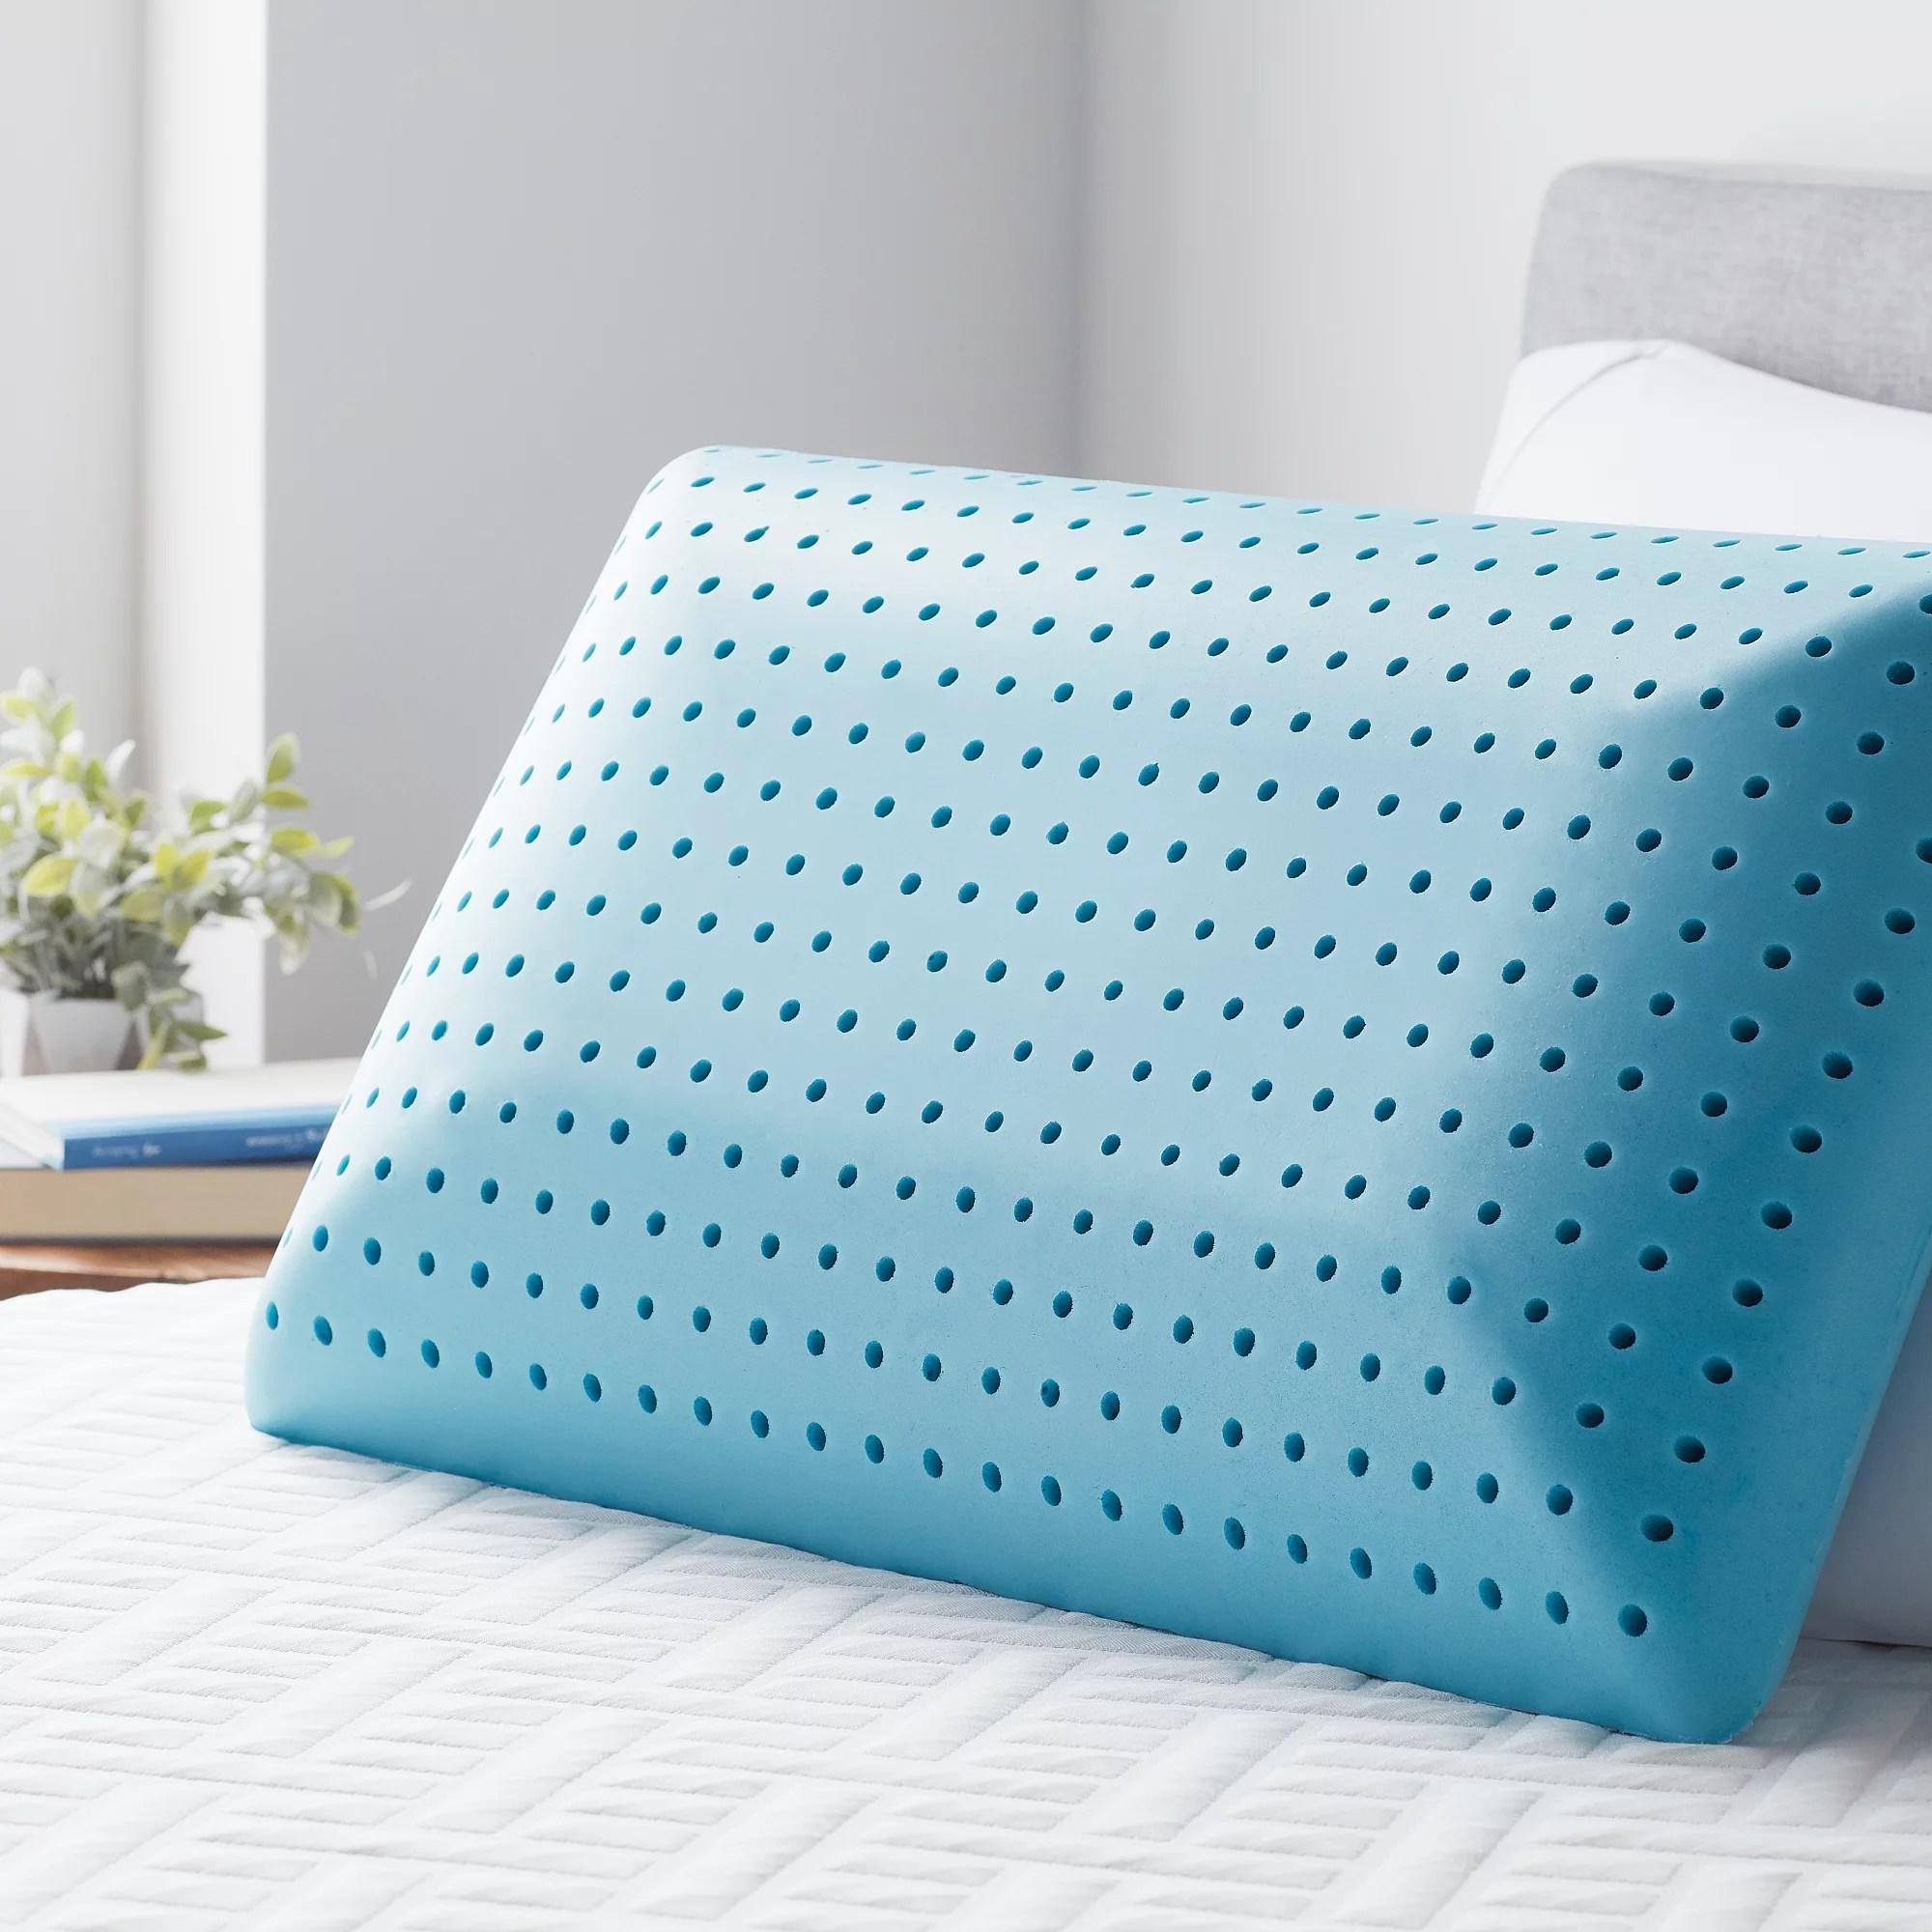 lucid advanced memory foam pillow standard walmart com